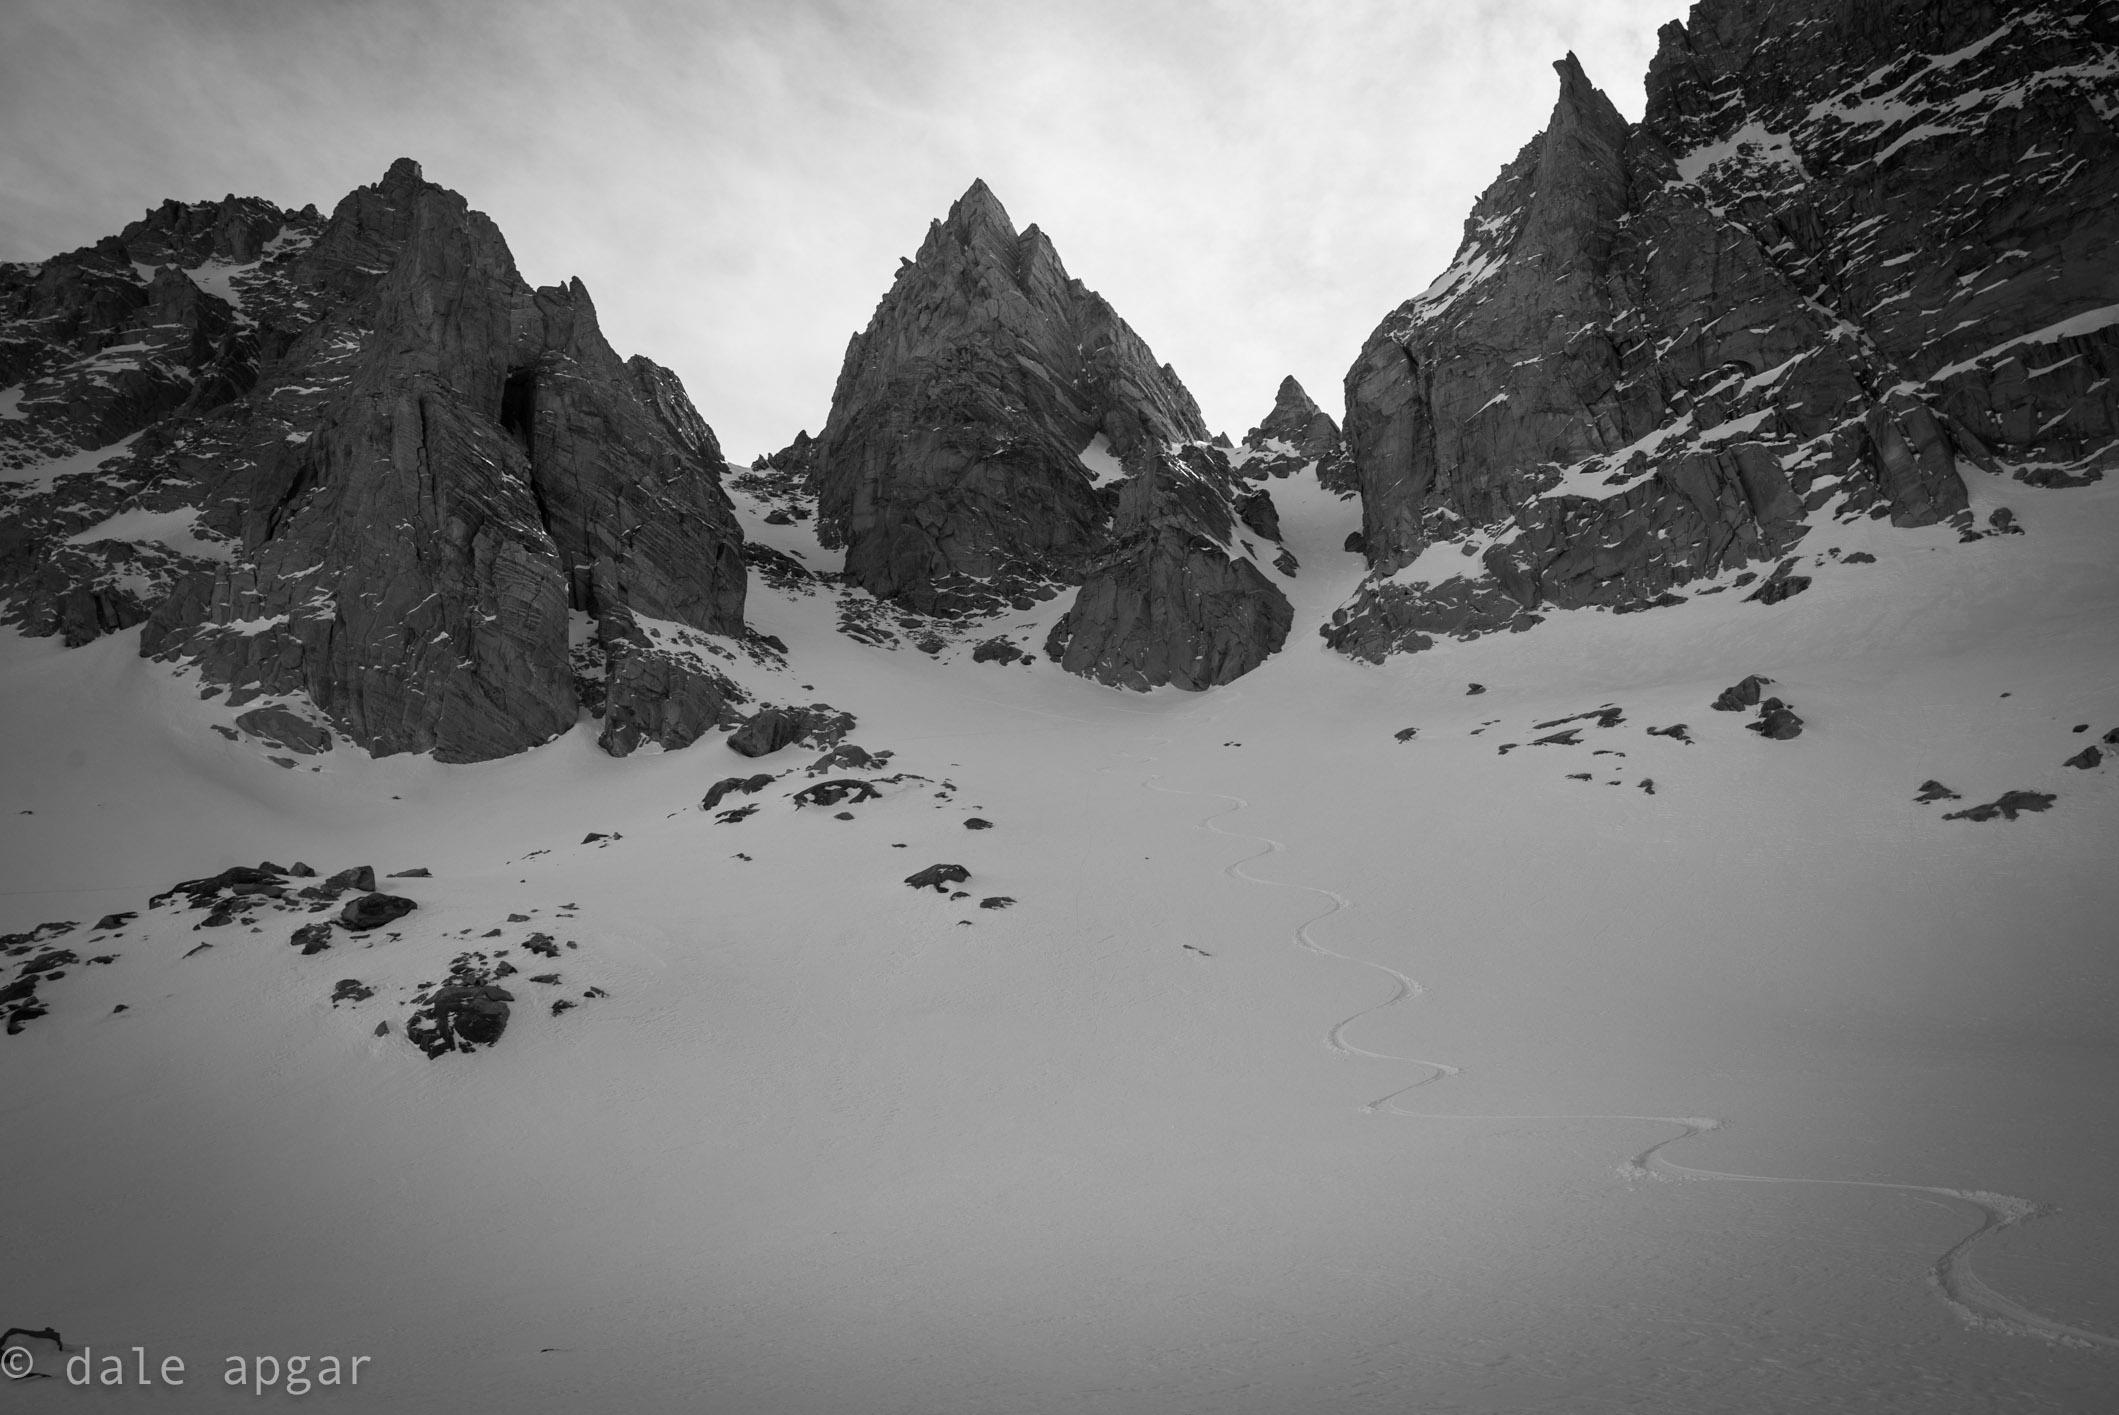 Late season turns on the Sierra's Matterhorn